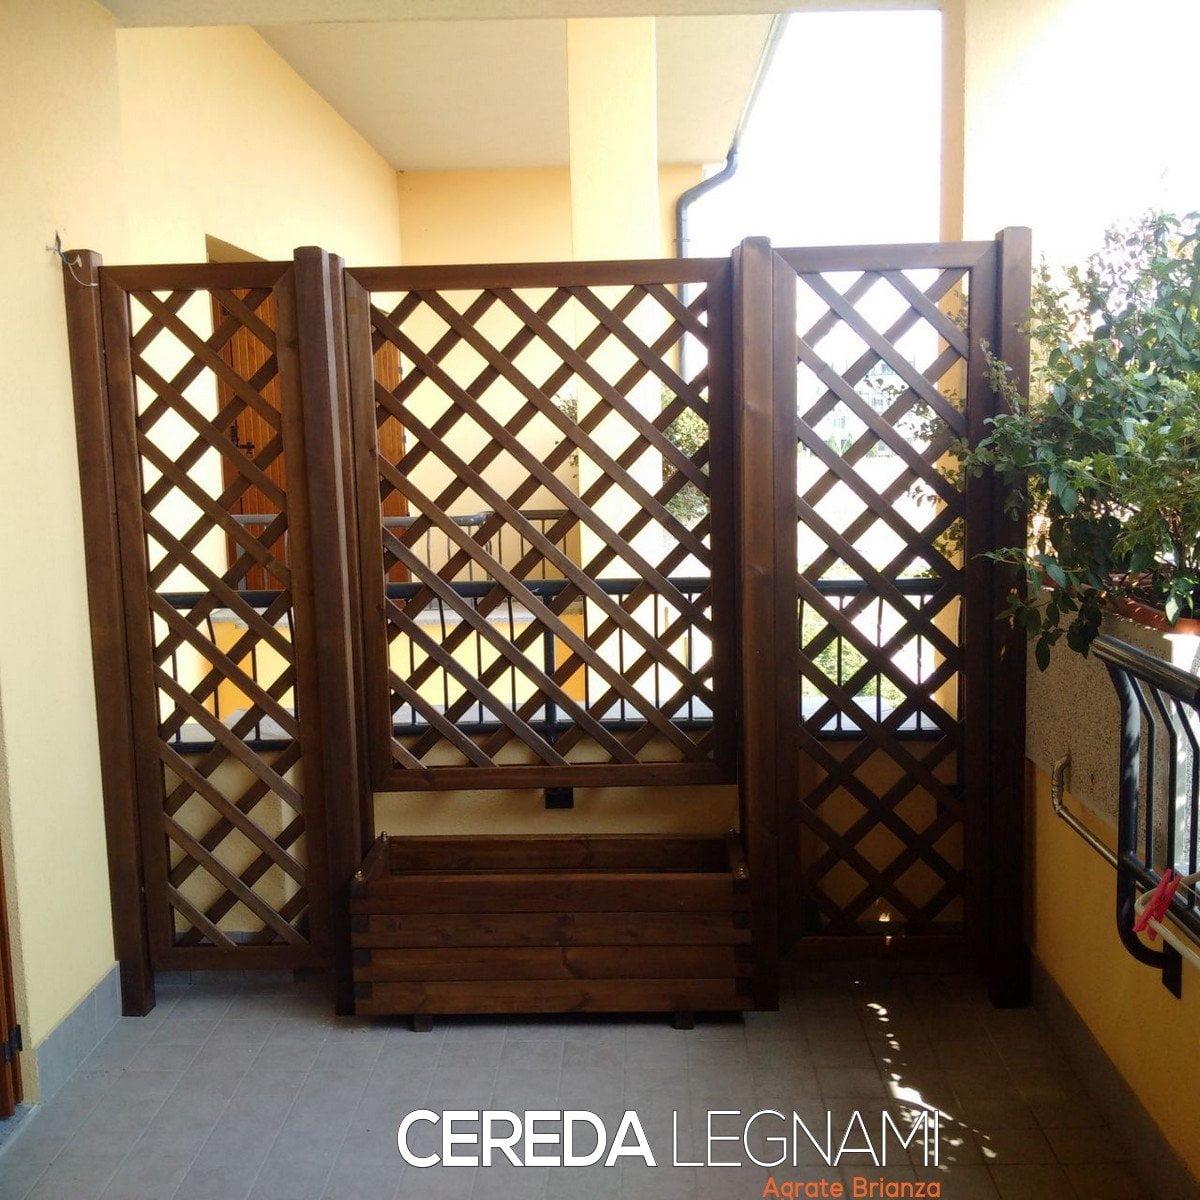 Griglie divisorie per balconi cereda legnami agrate brianza - Grigliati in legno ikea ...